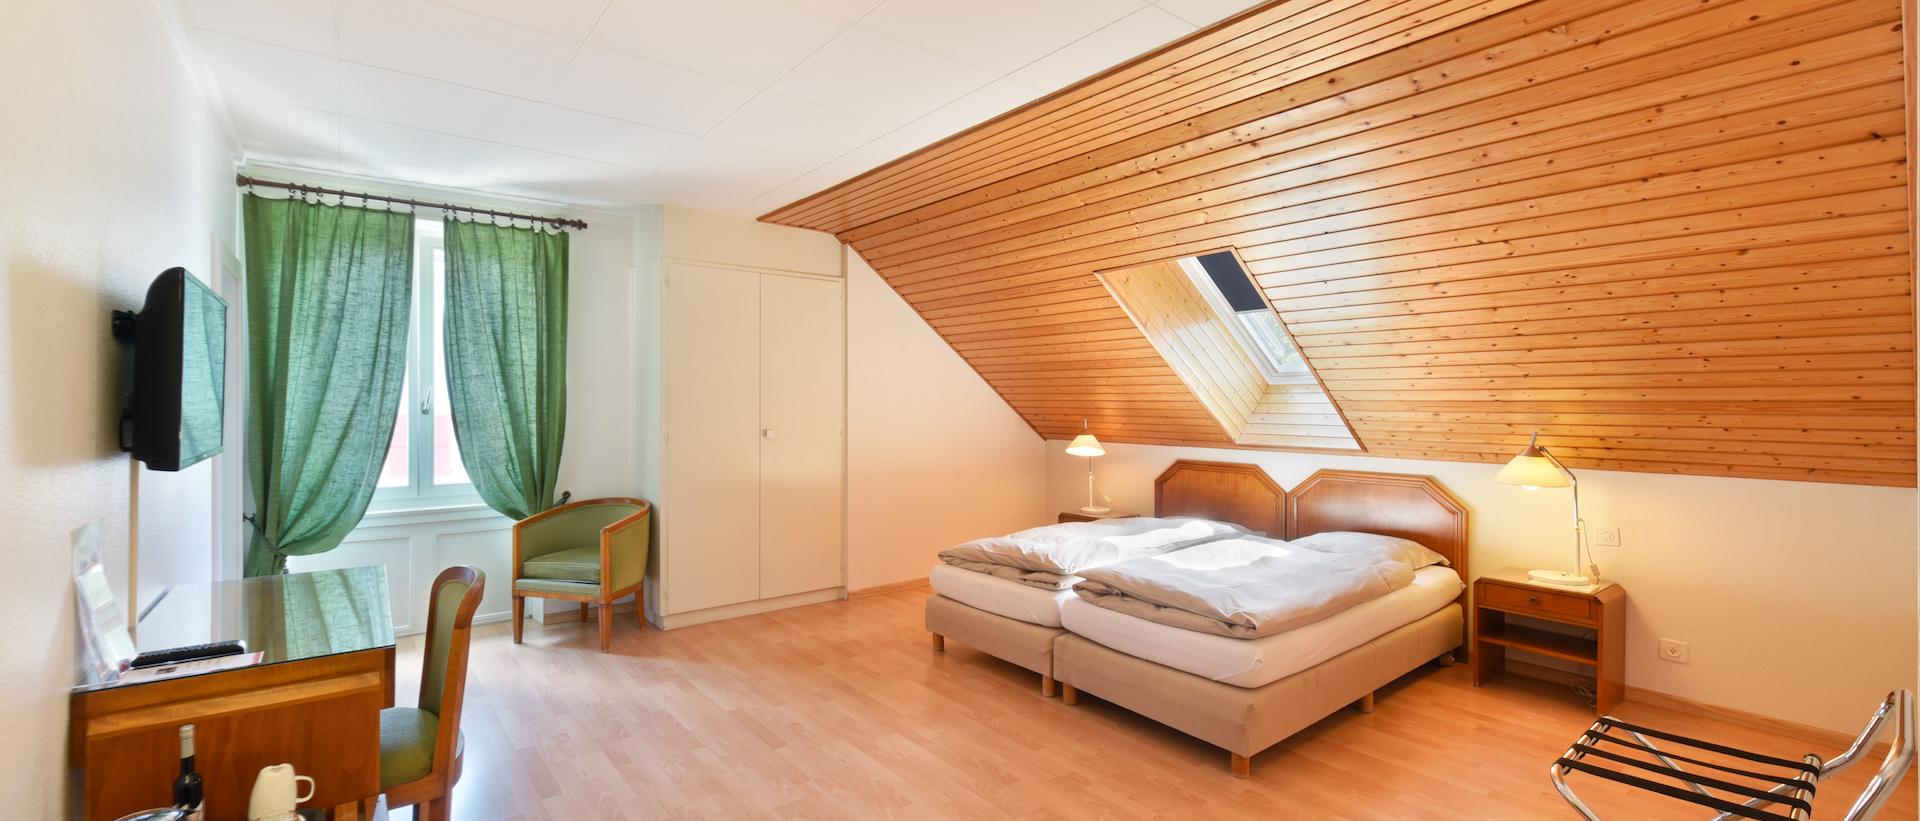 Chambre double avec lits jumeaux - Hôtel de l\'Aigle